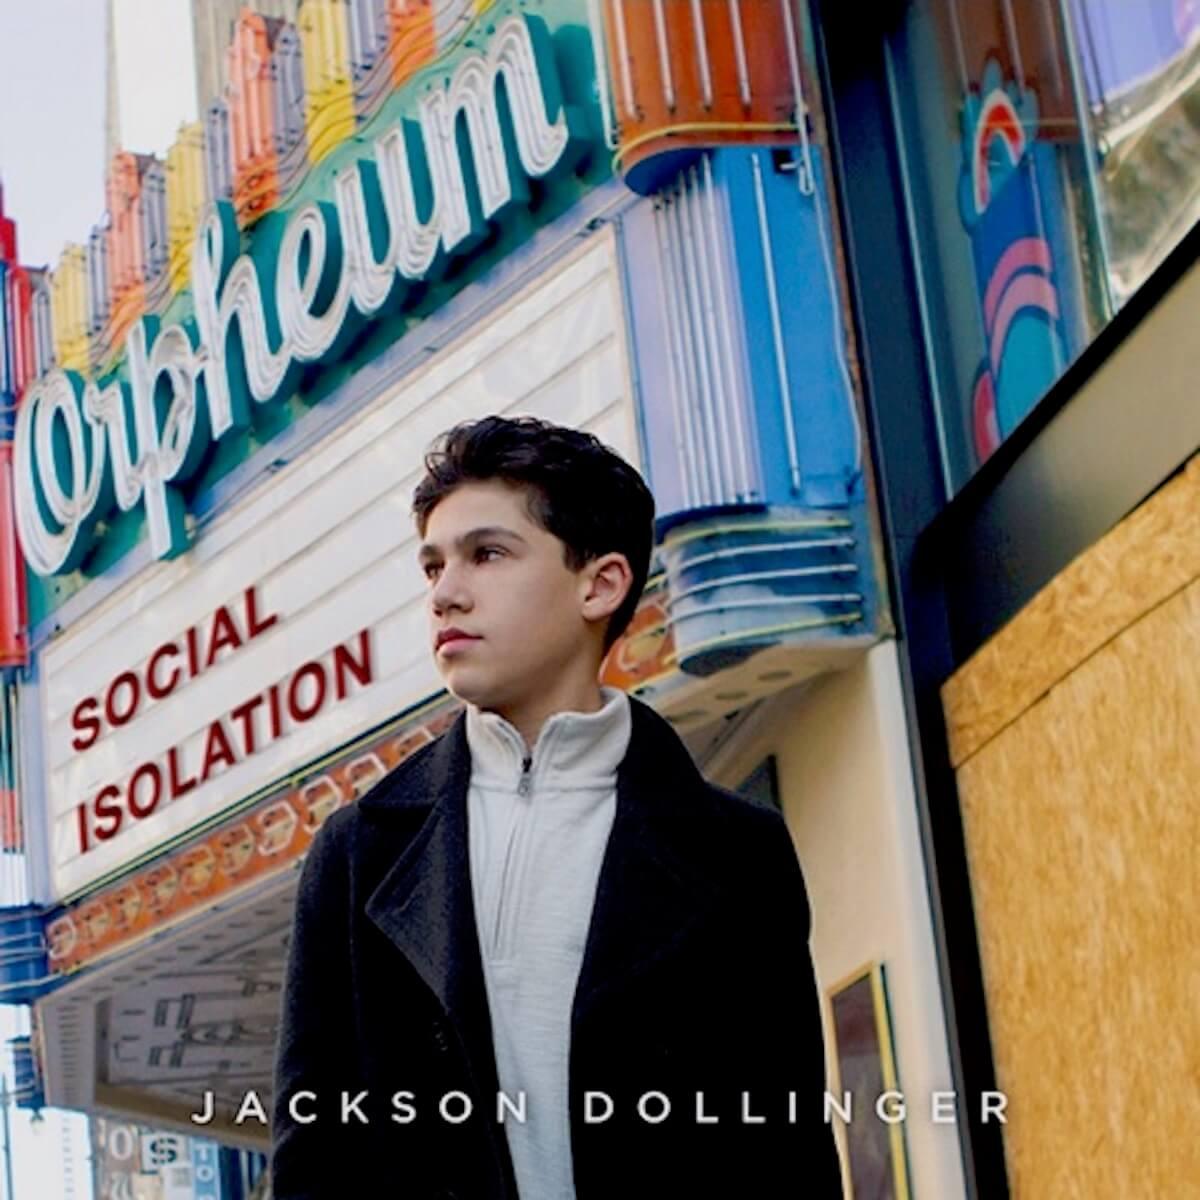 Russ Scott: Jackson Dollinger Social Isolation EP cover